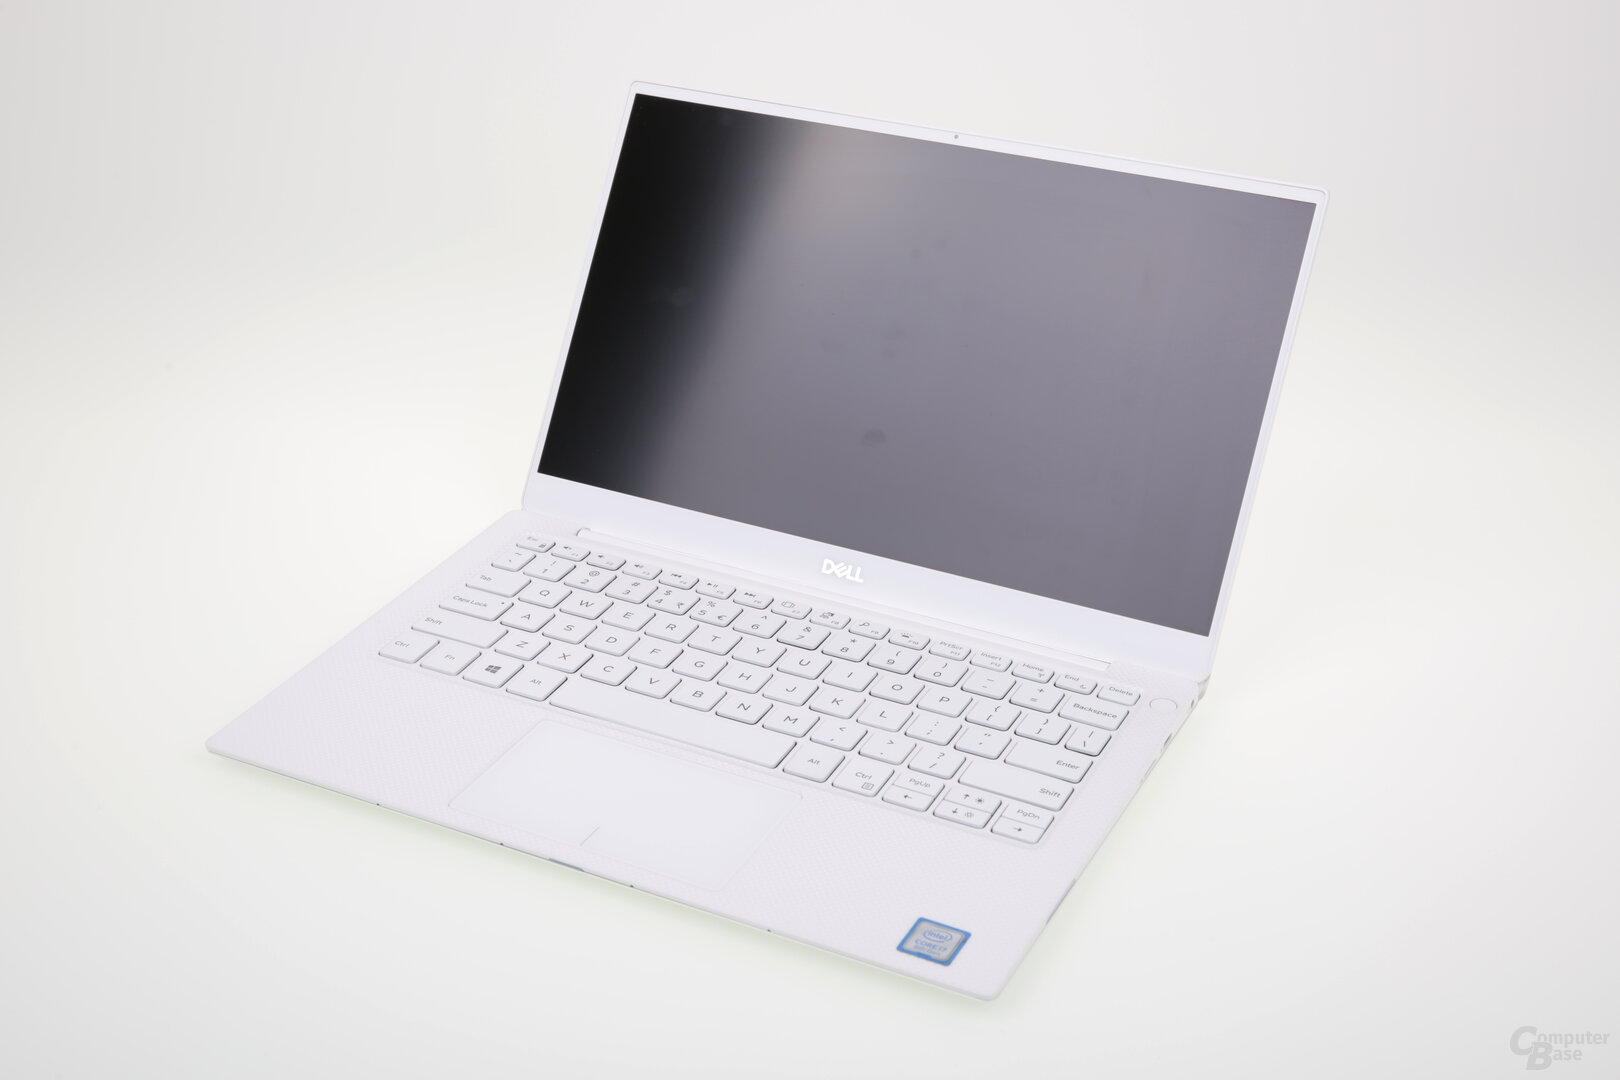 Das weiße Modell ist innen aus Glasfasergewebe gefertigt